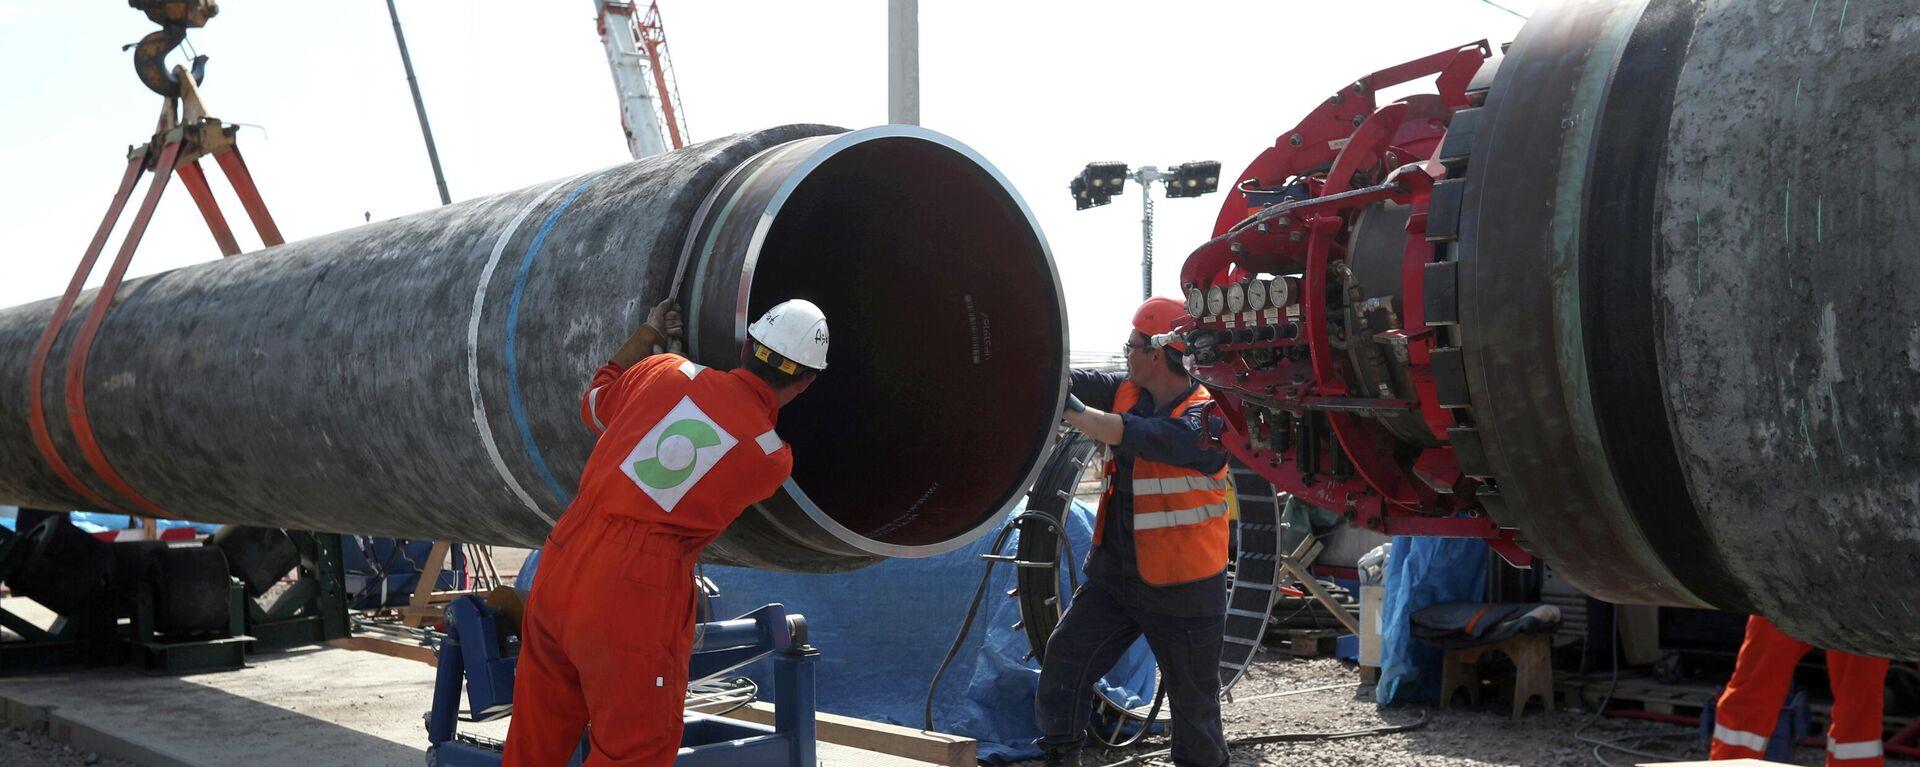 Unos trabajadores actúan en la construcción del gasoducto Nord Stream 2 - Sputnik Mundo, 1920, 07.09.2021